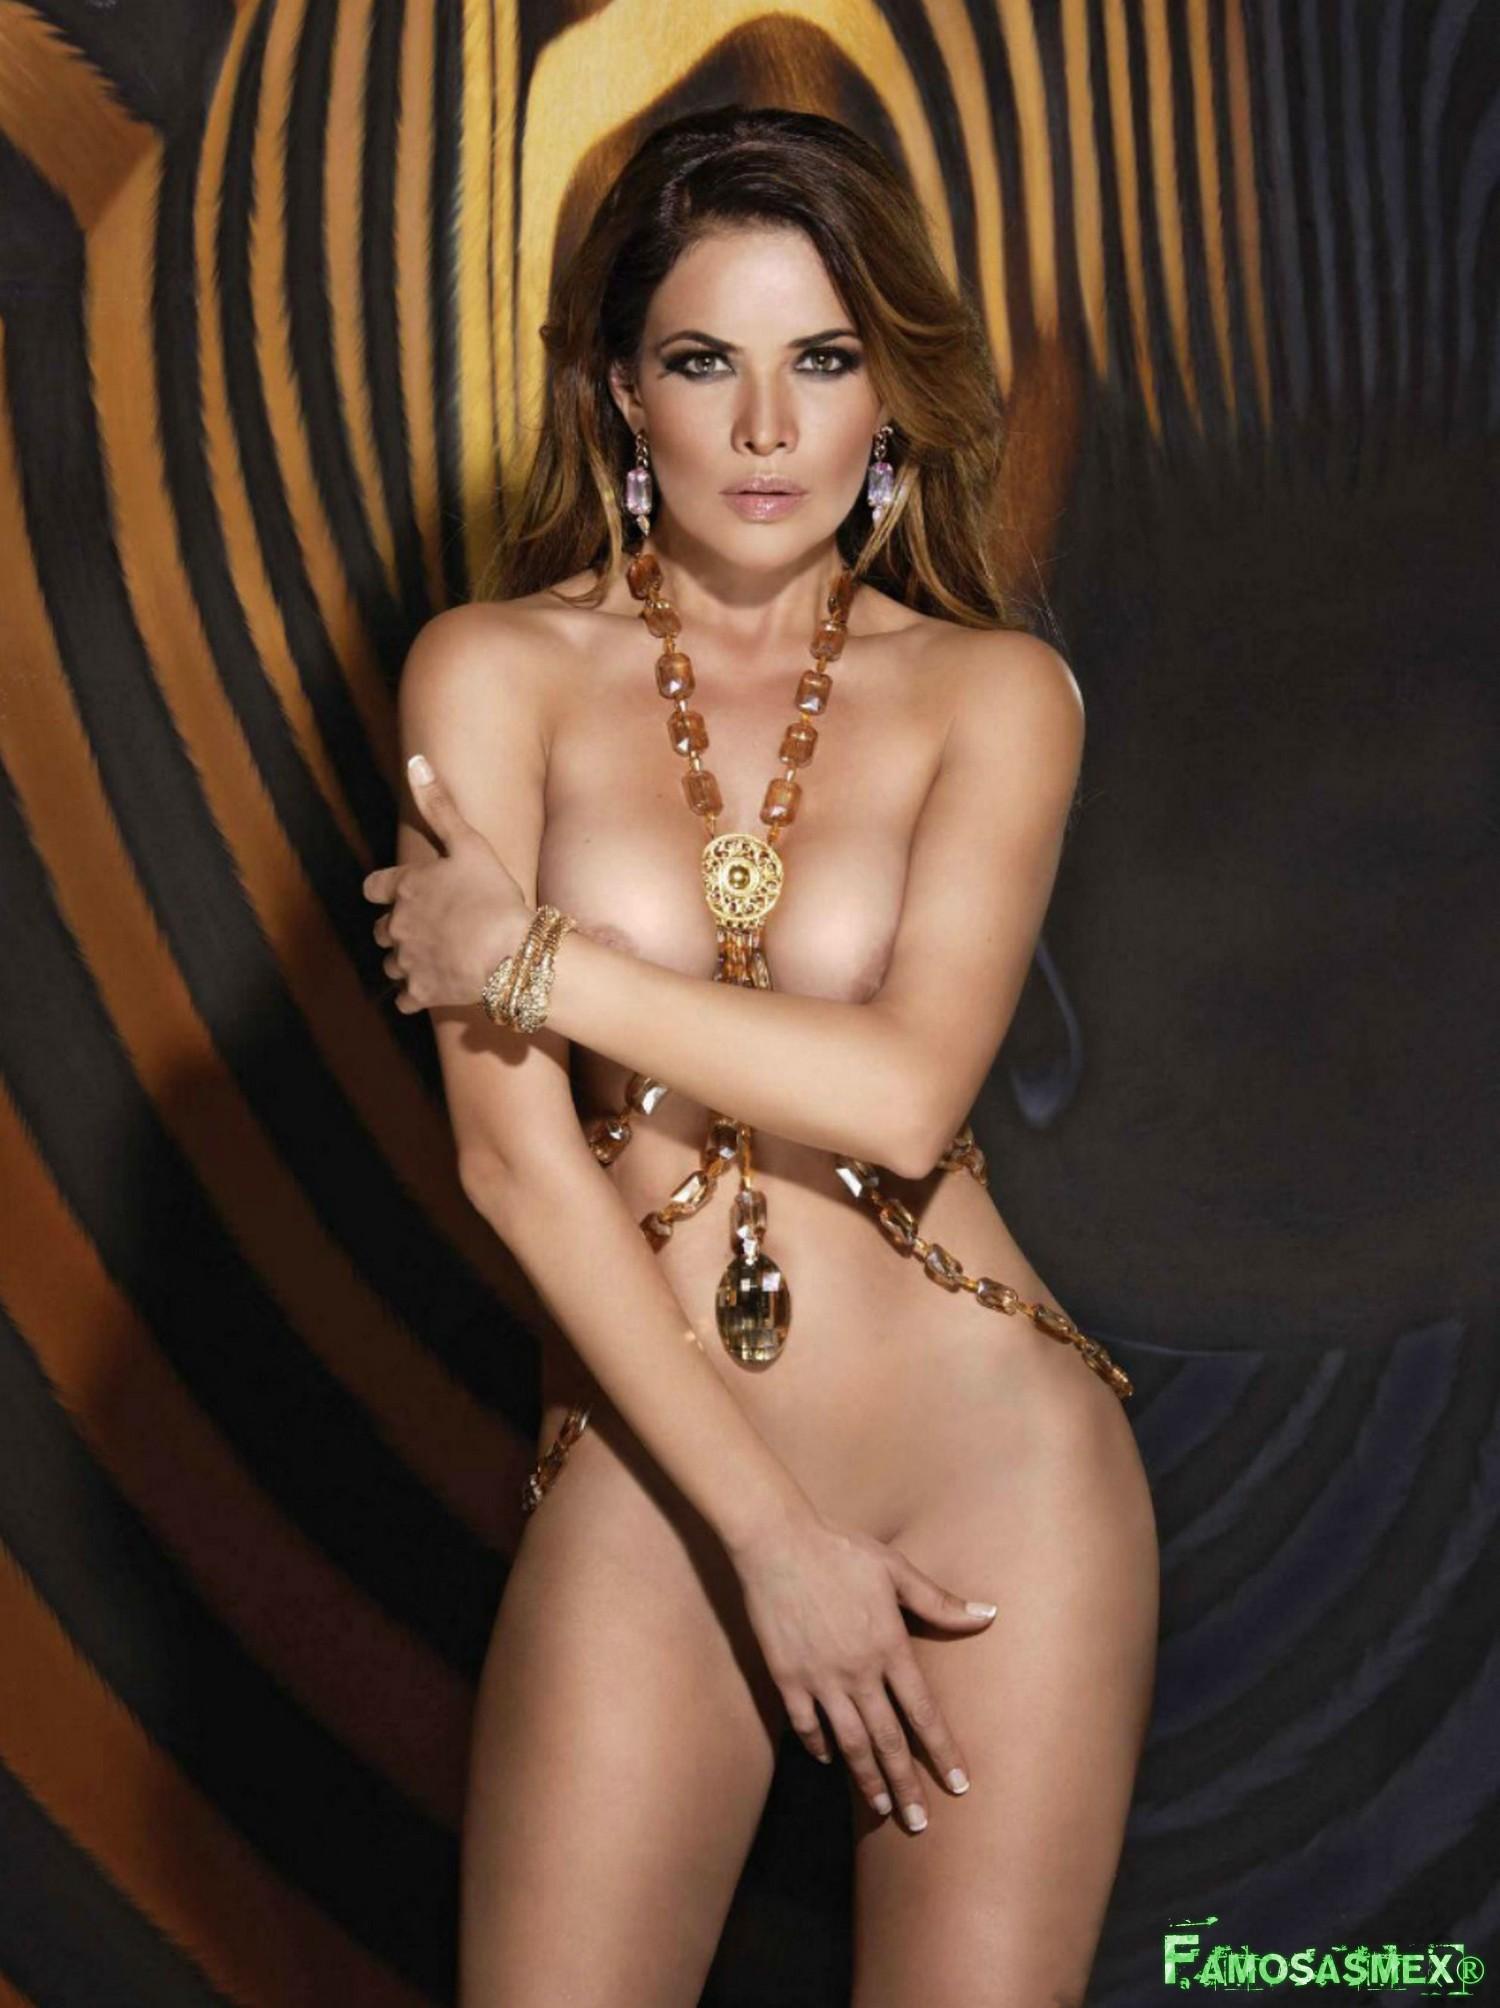 Vanessa mexicana en lenceria y con mascara virtual - 2 3